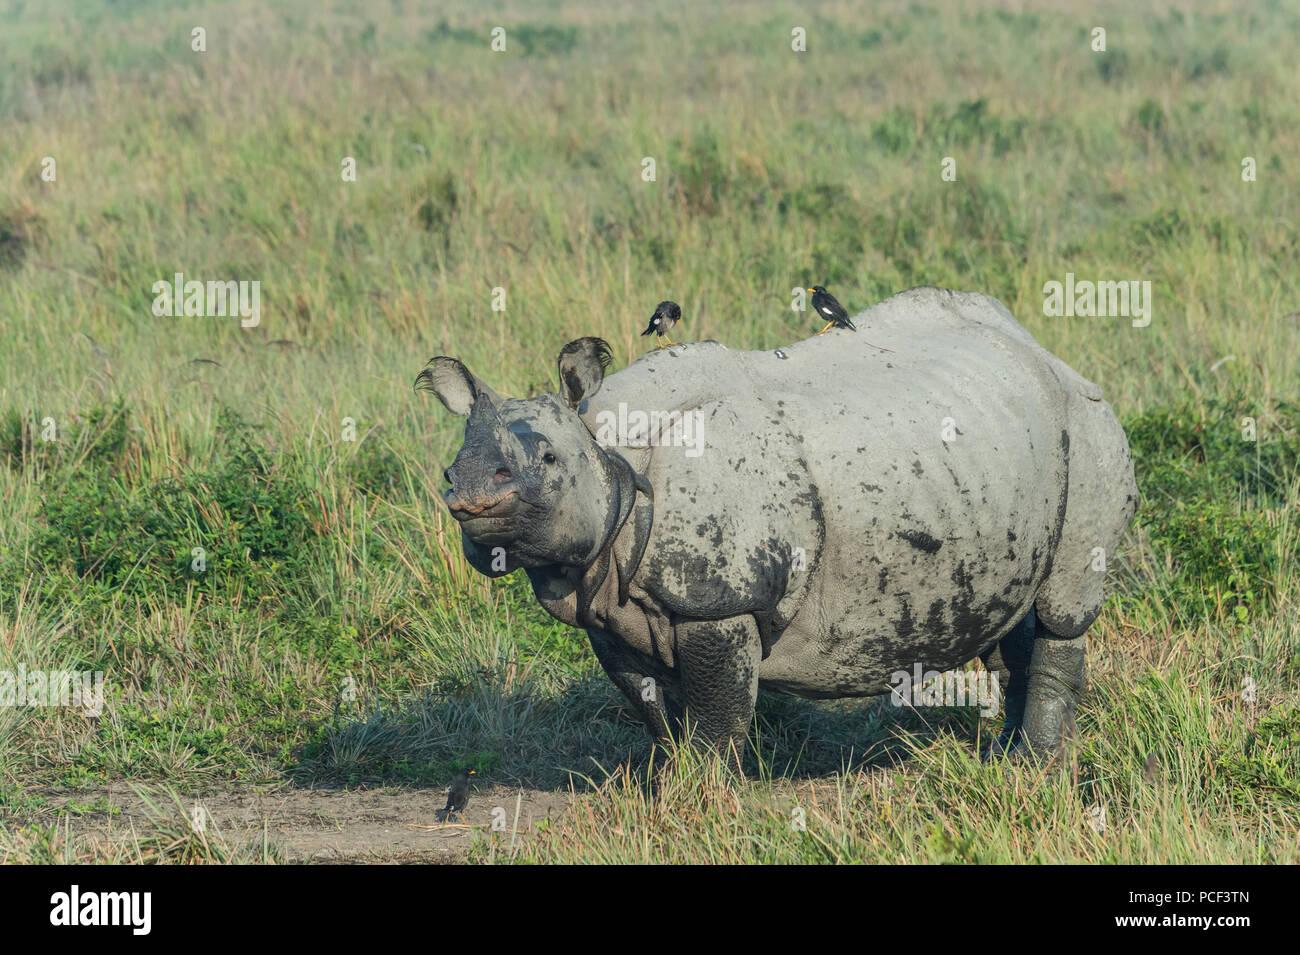 Indian rhinoceros (Rhinoceros unicornis) with Myna birds, Kaziranga National Park, Assam, India - Stock Image